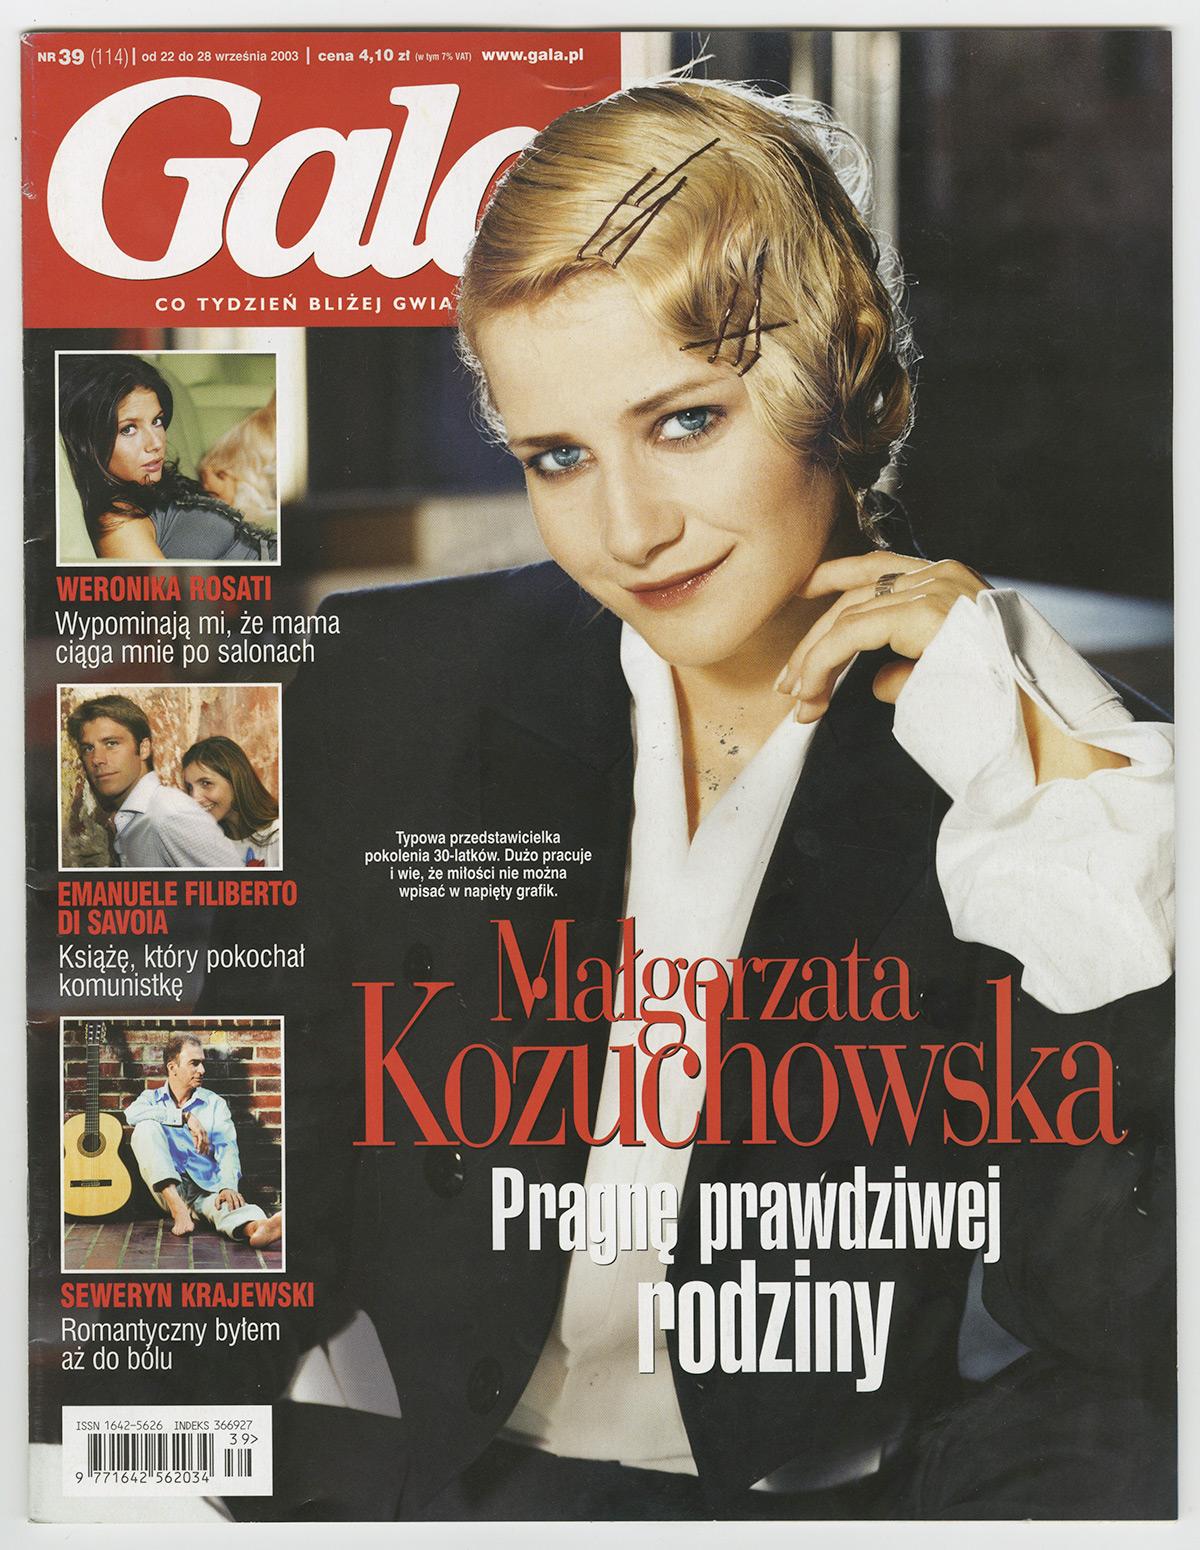 1991-2003-Gala_2003_Romantyczny_bylem_az_do_olu